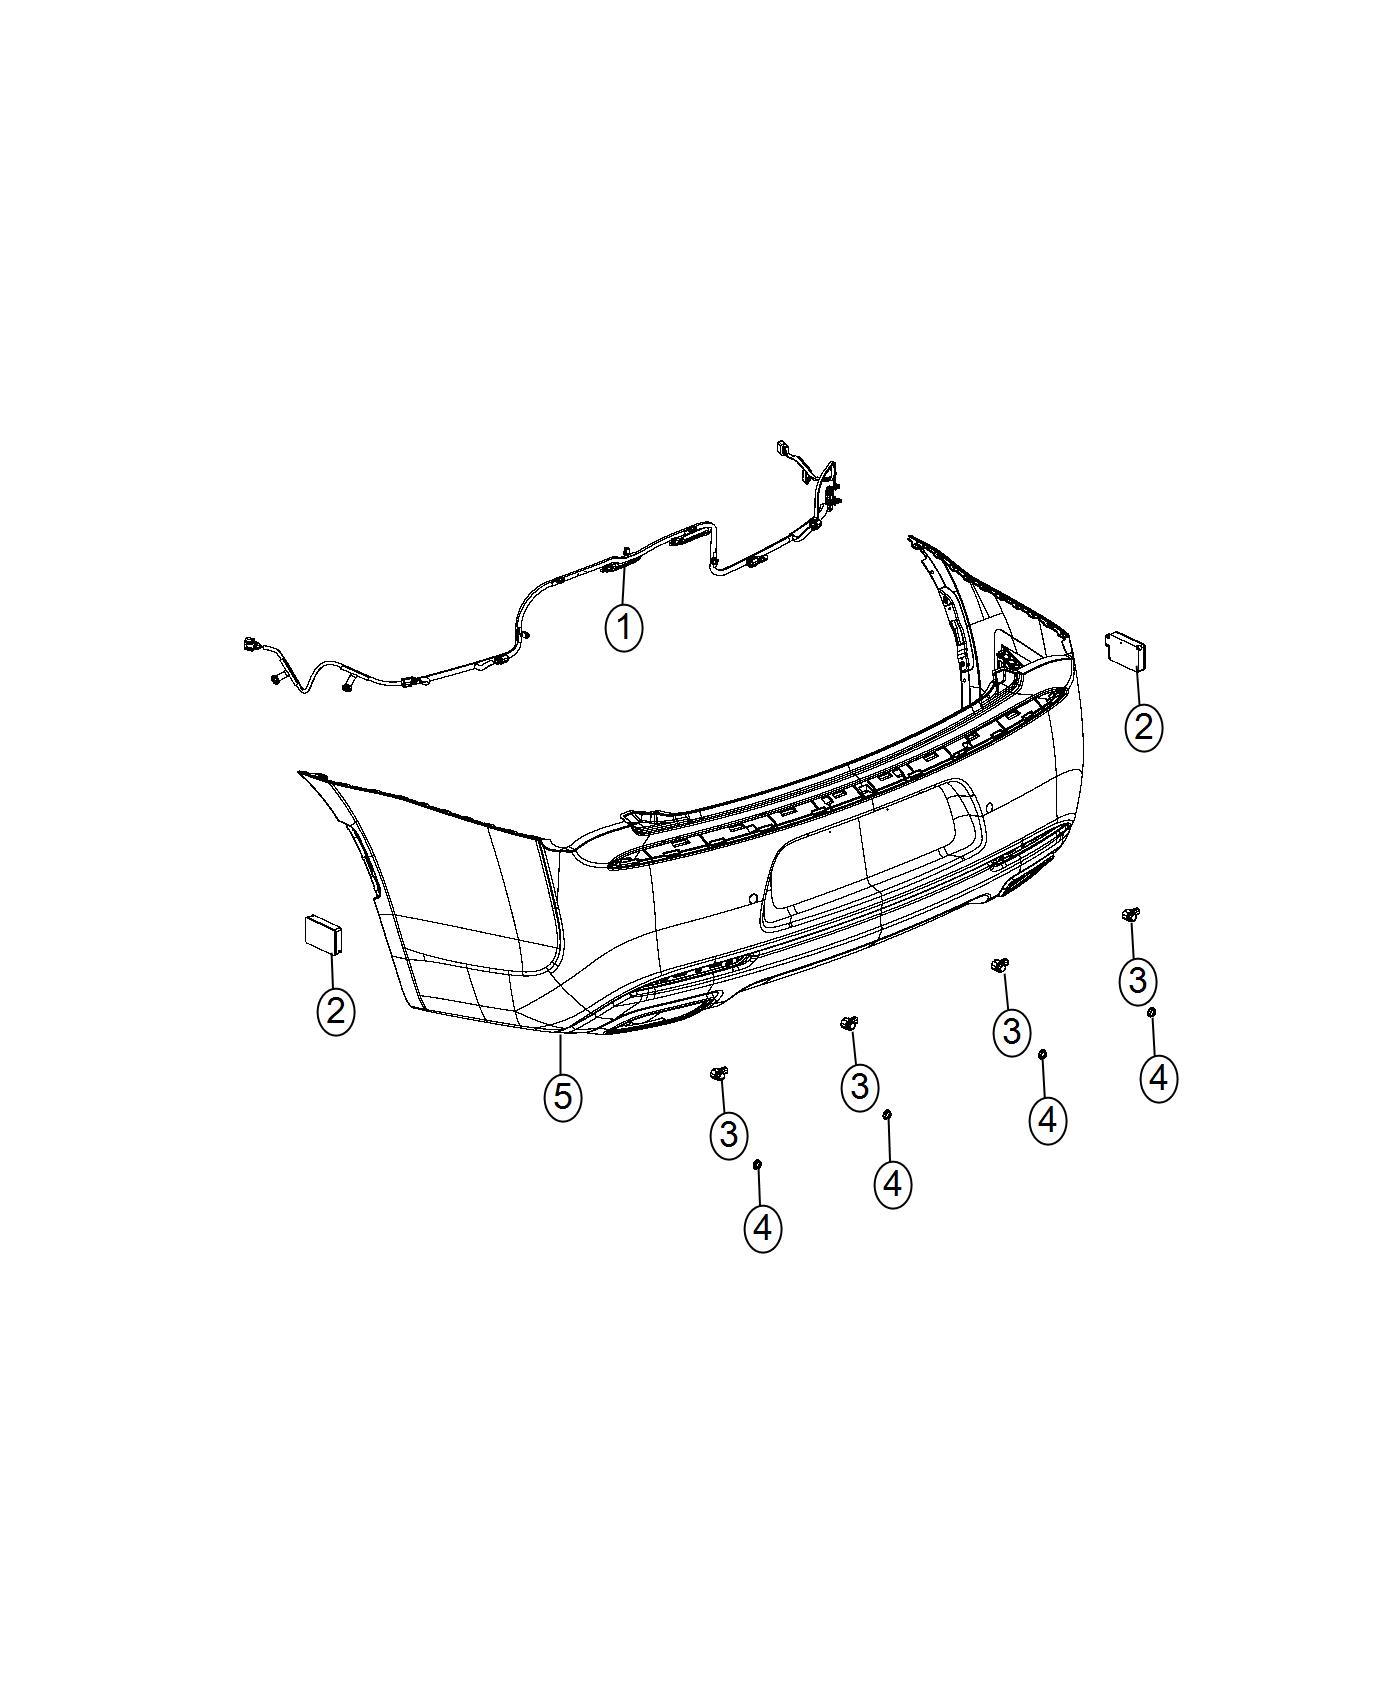 Chrysler 300 Module Blind Spot Detection Used For Right